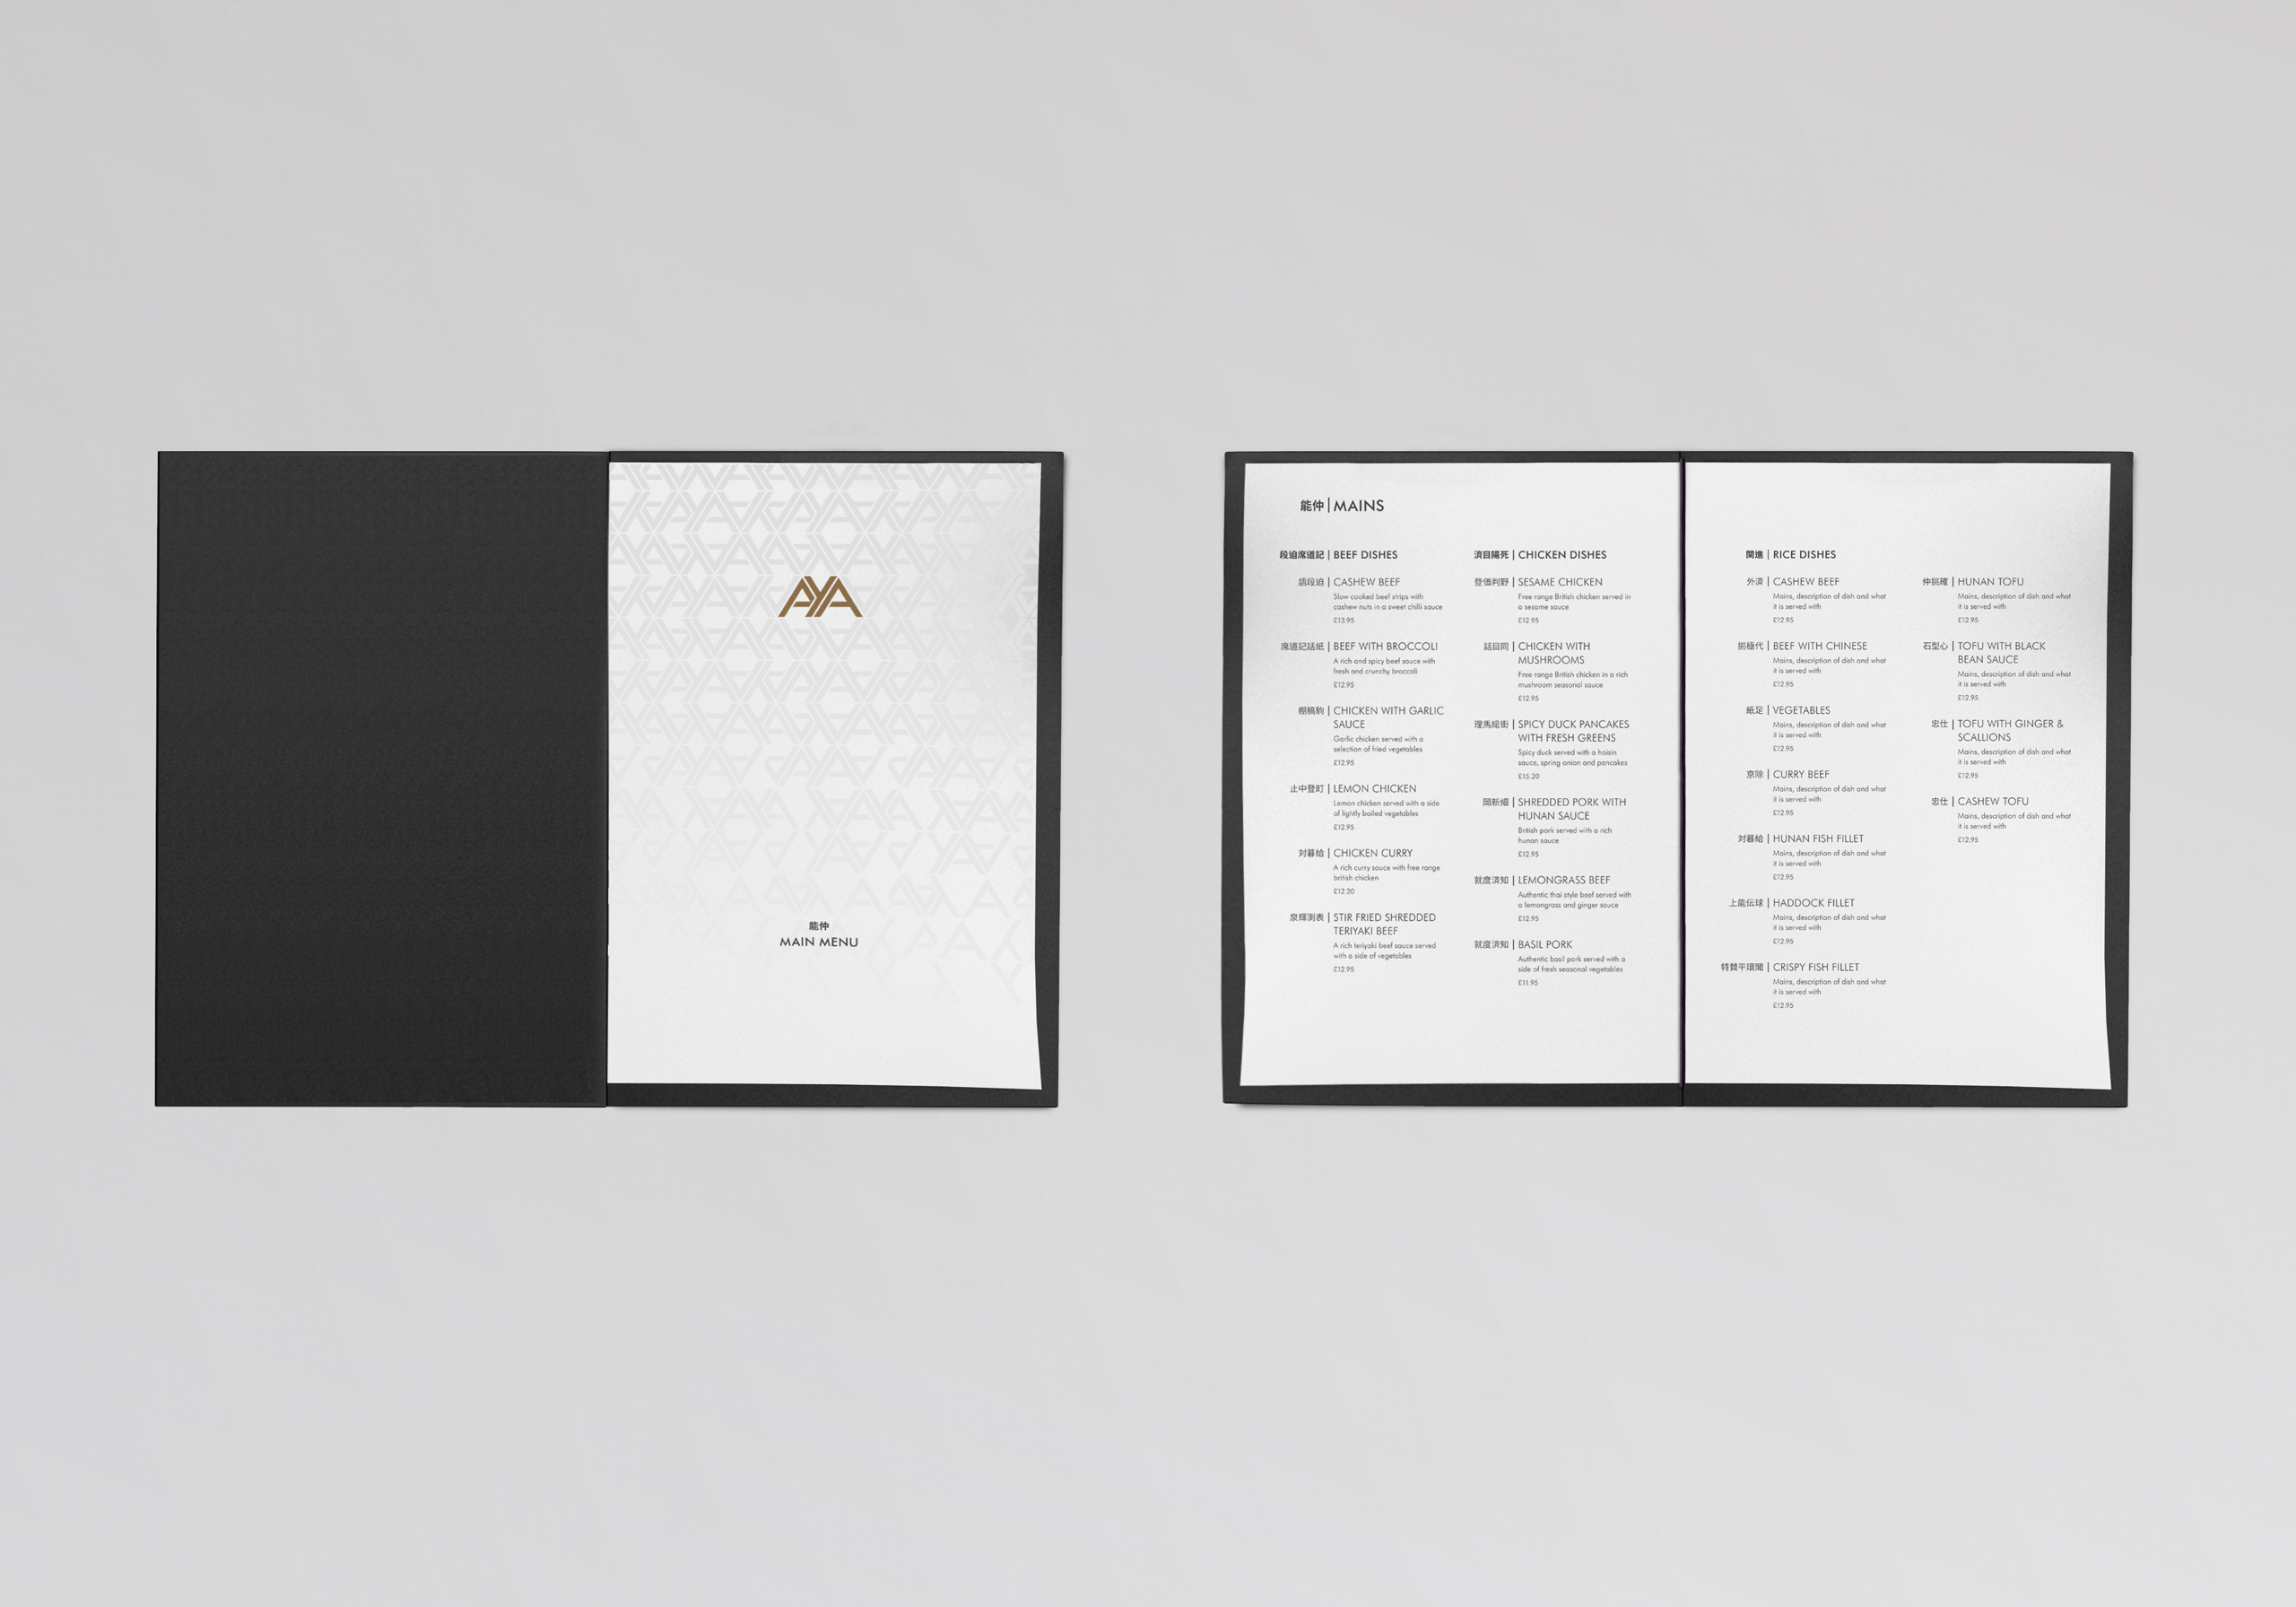 Aya menu